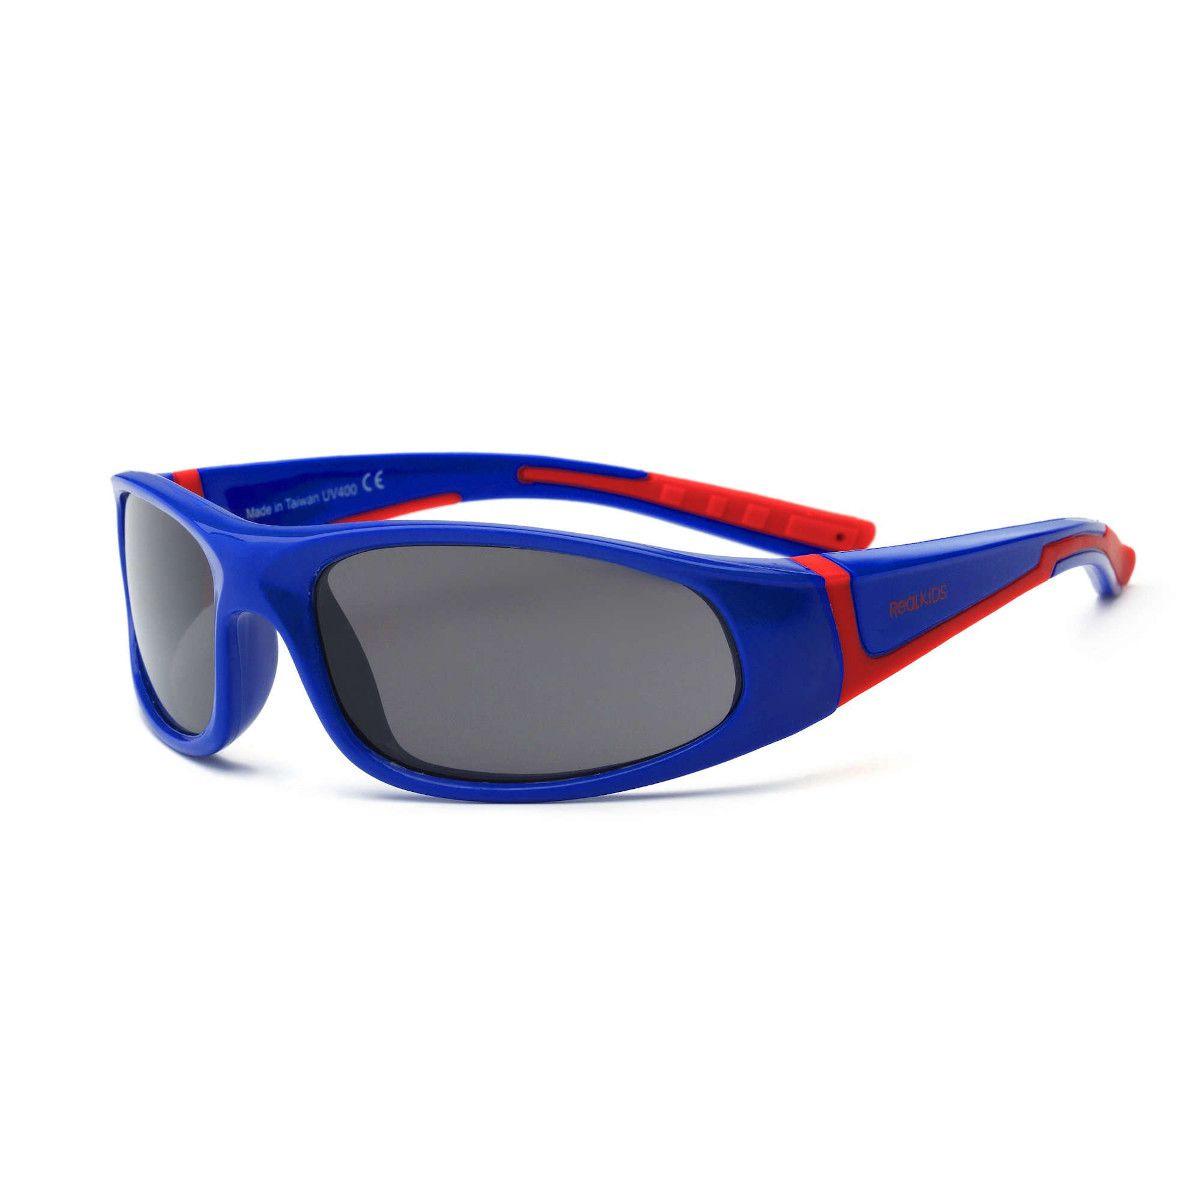 Óculos de Sol Bolt Azul e Vermelho Real Shades